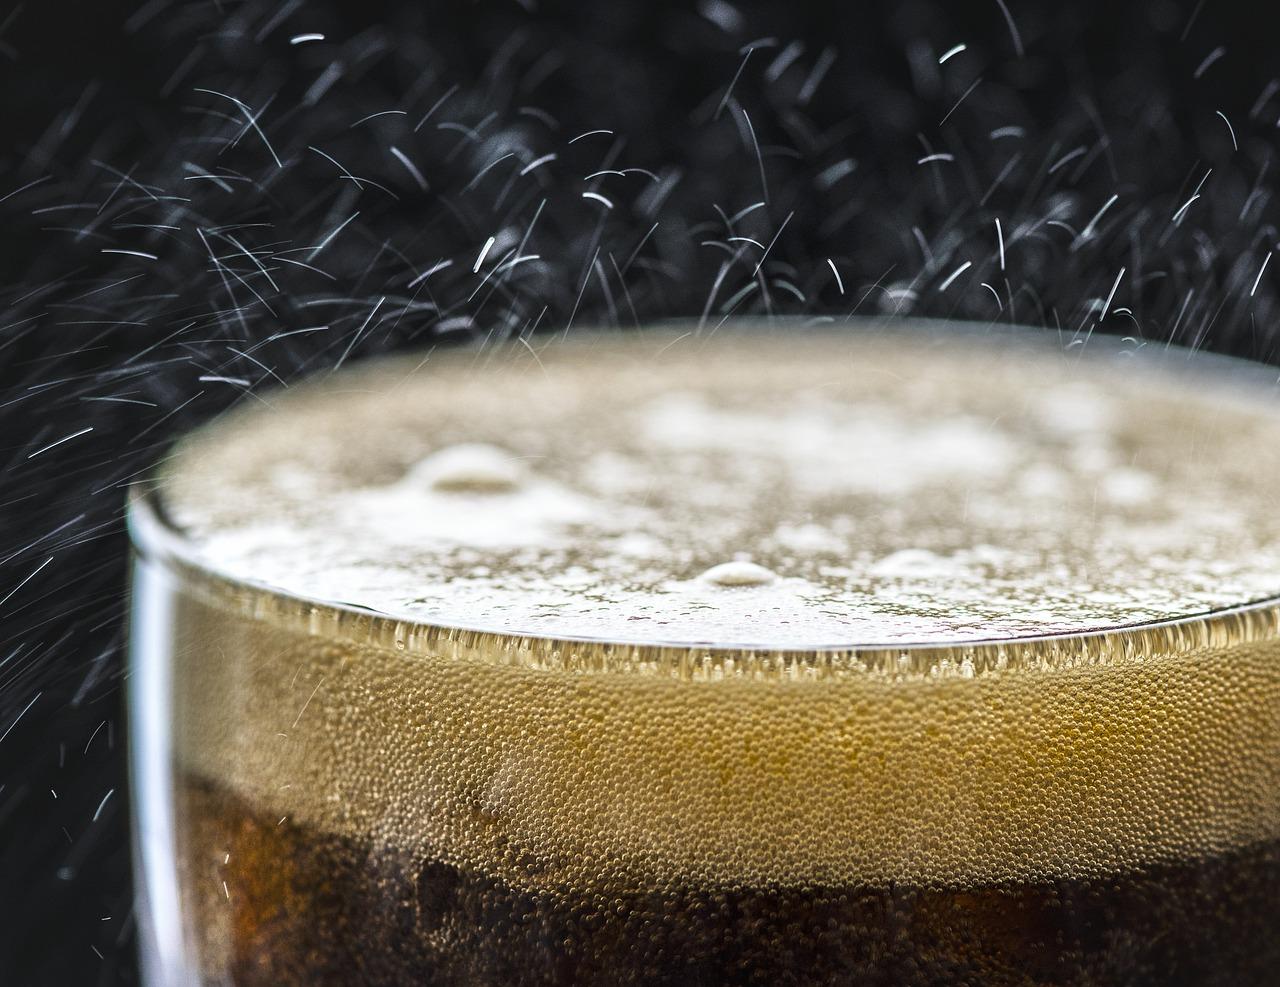 Un estudio realizado en toda Europa revela que un mayor consumo de refrescos azucarados conlleva un aumento de la mortalidad